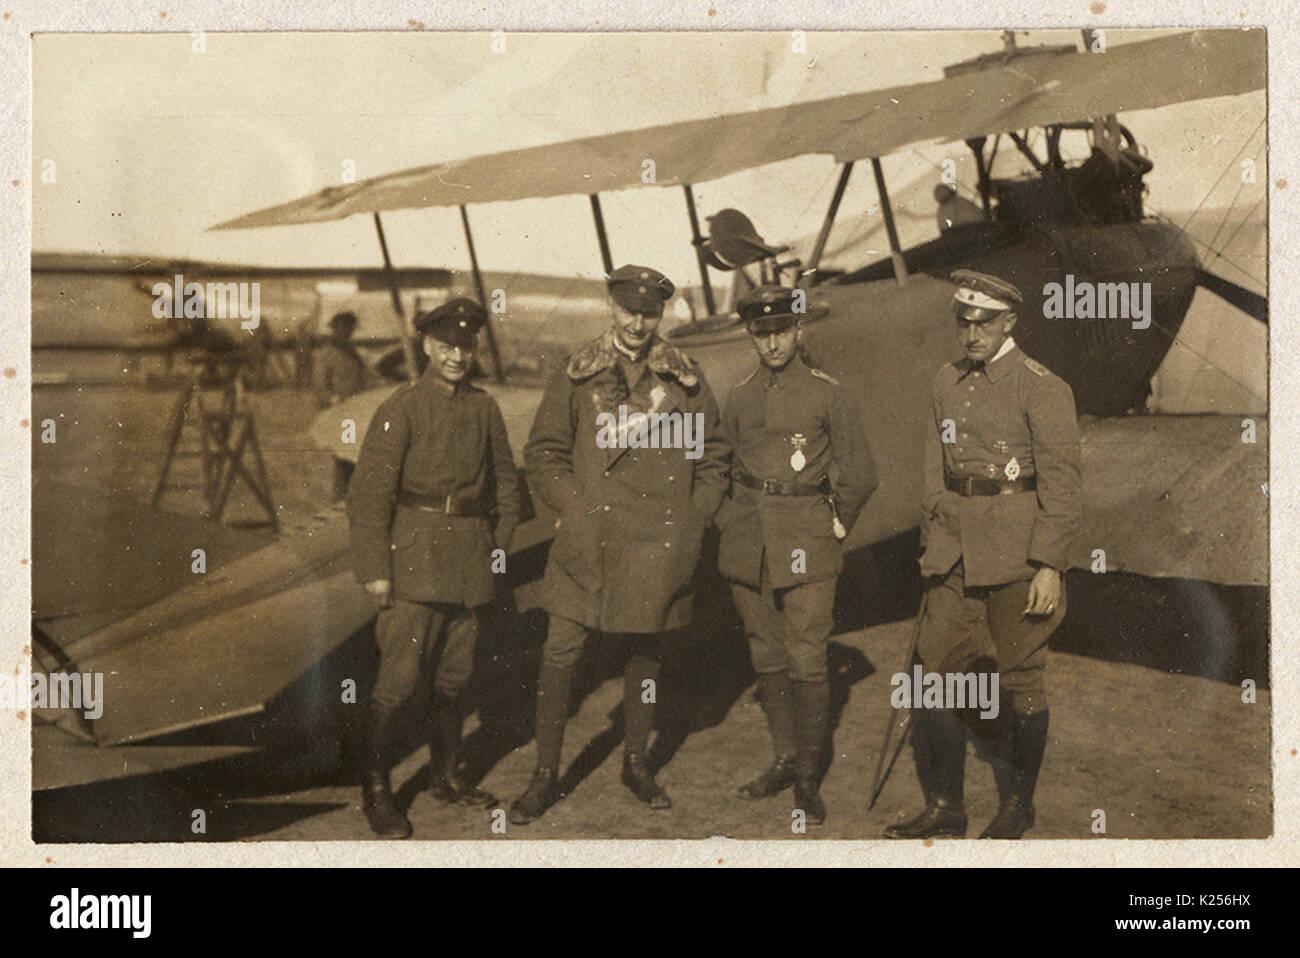 Cuatro pilotos alemanes delante de biplano Foto de stock